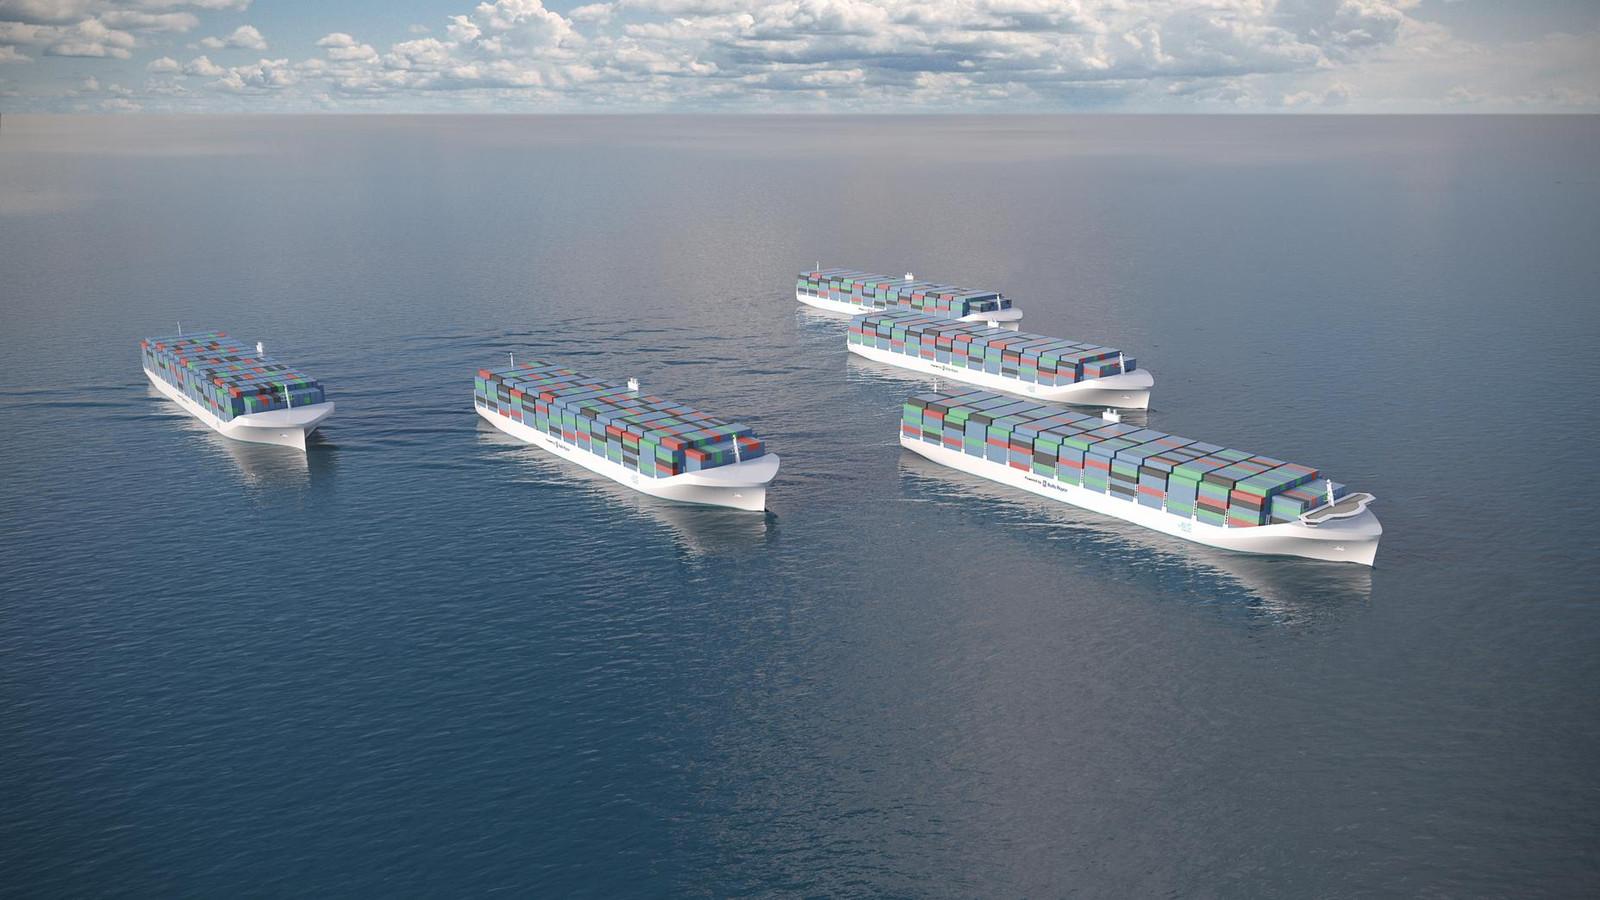 Met robotschepen kunnen straks meer containers tegen veel lagere energie- en arbeidskosten worden vervoerd. Deze impressie komt van Rolls Royce